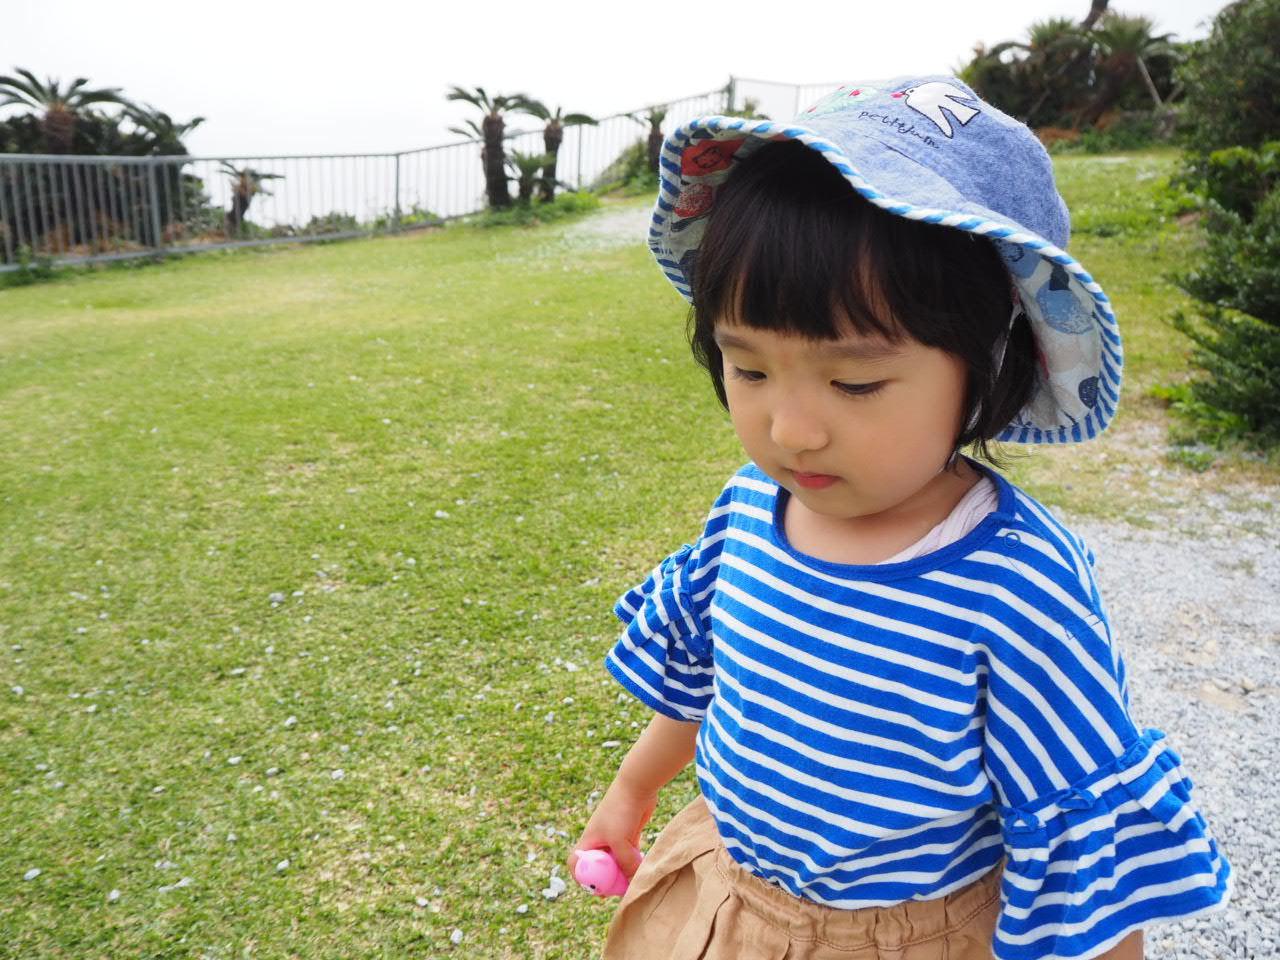 沖縄5日目 楽しかったさー_f0370091_22180678.jpg